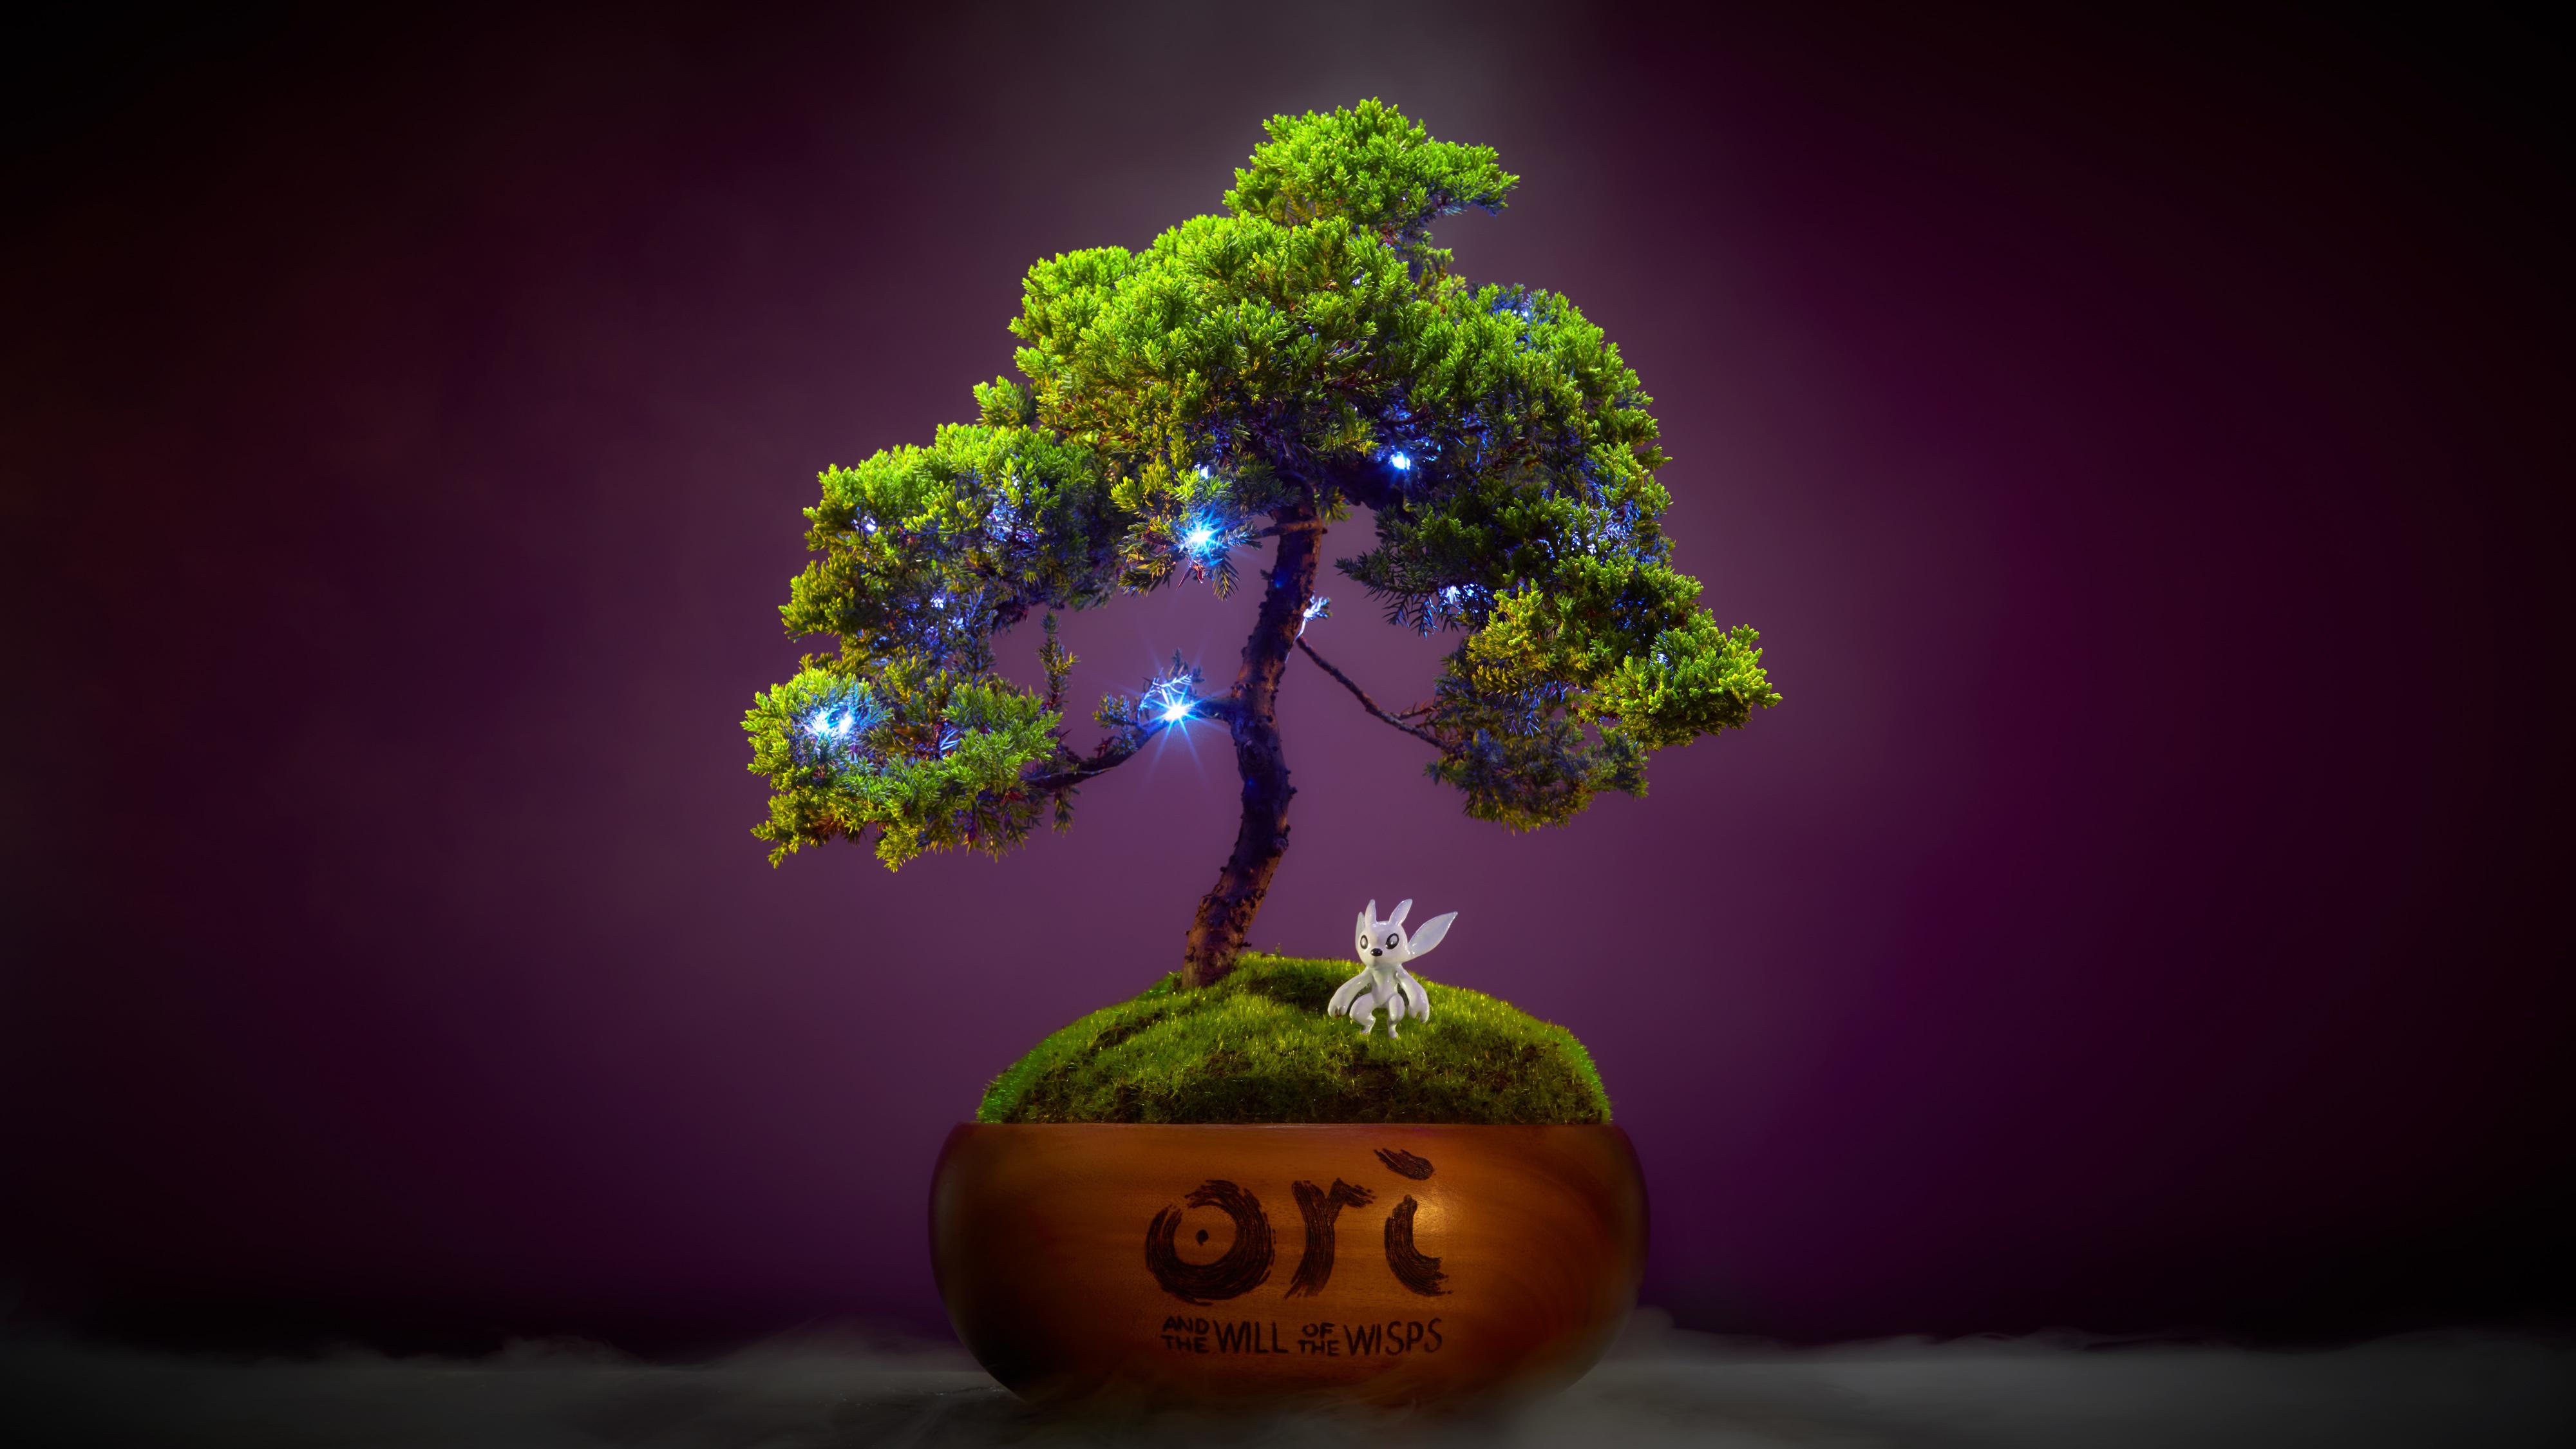 绿意盎然 Xbox推出《奥日与萤火意志》主题纪念盆栽